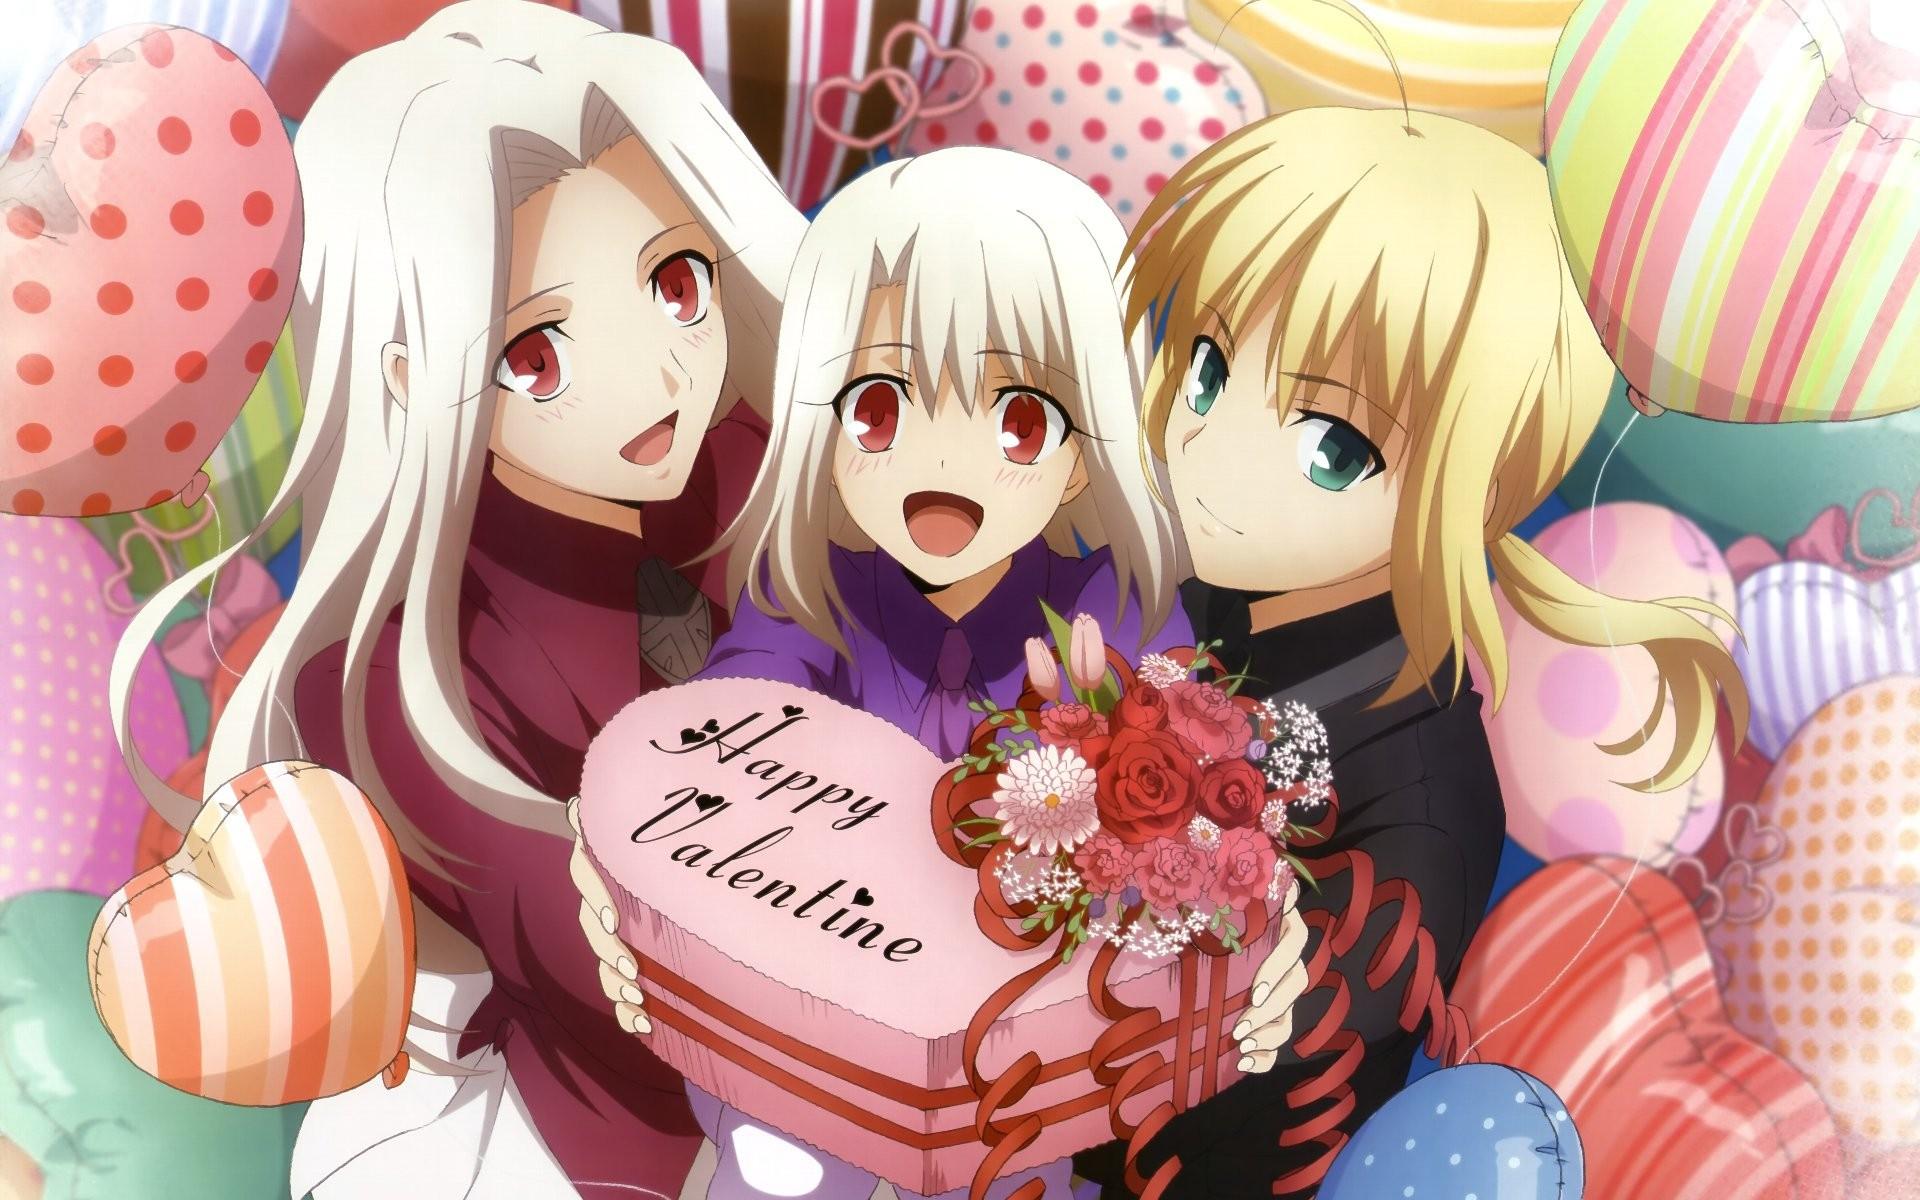 Картинки аниме день влюбленных